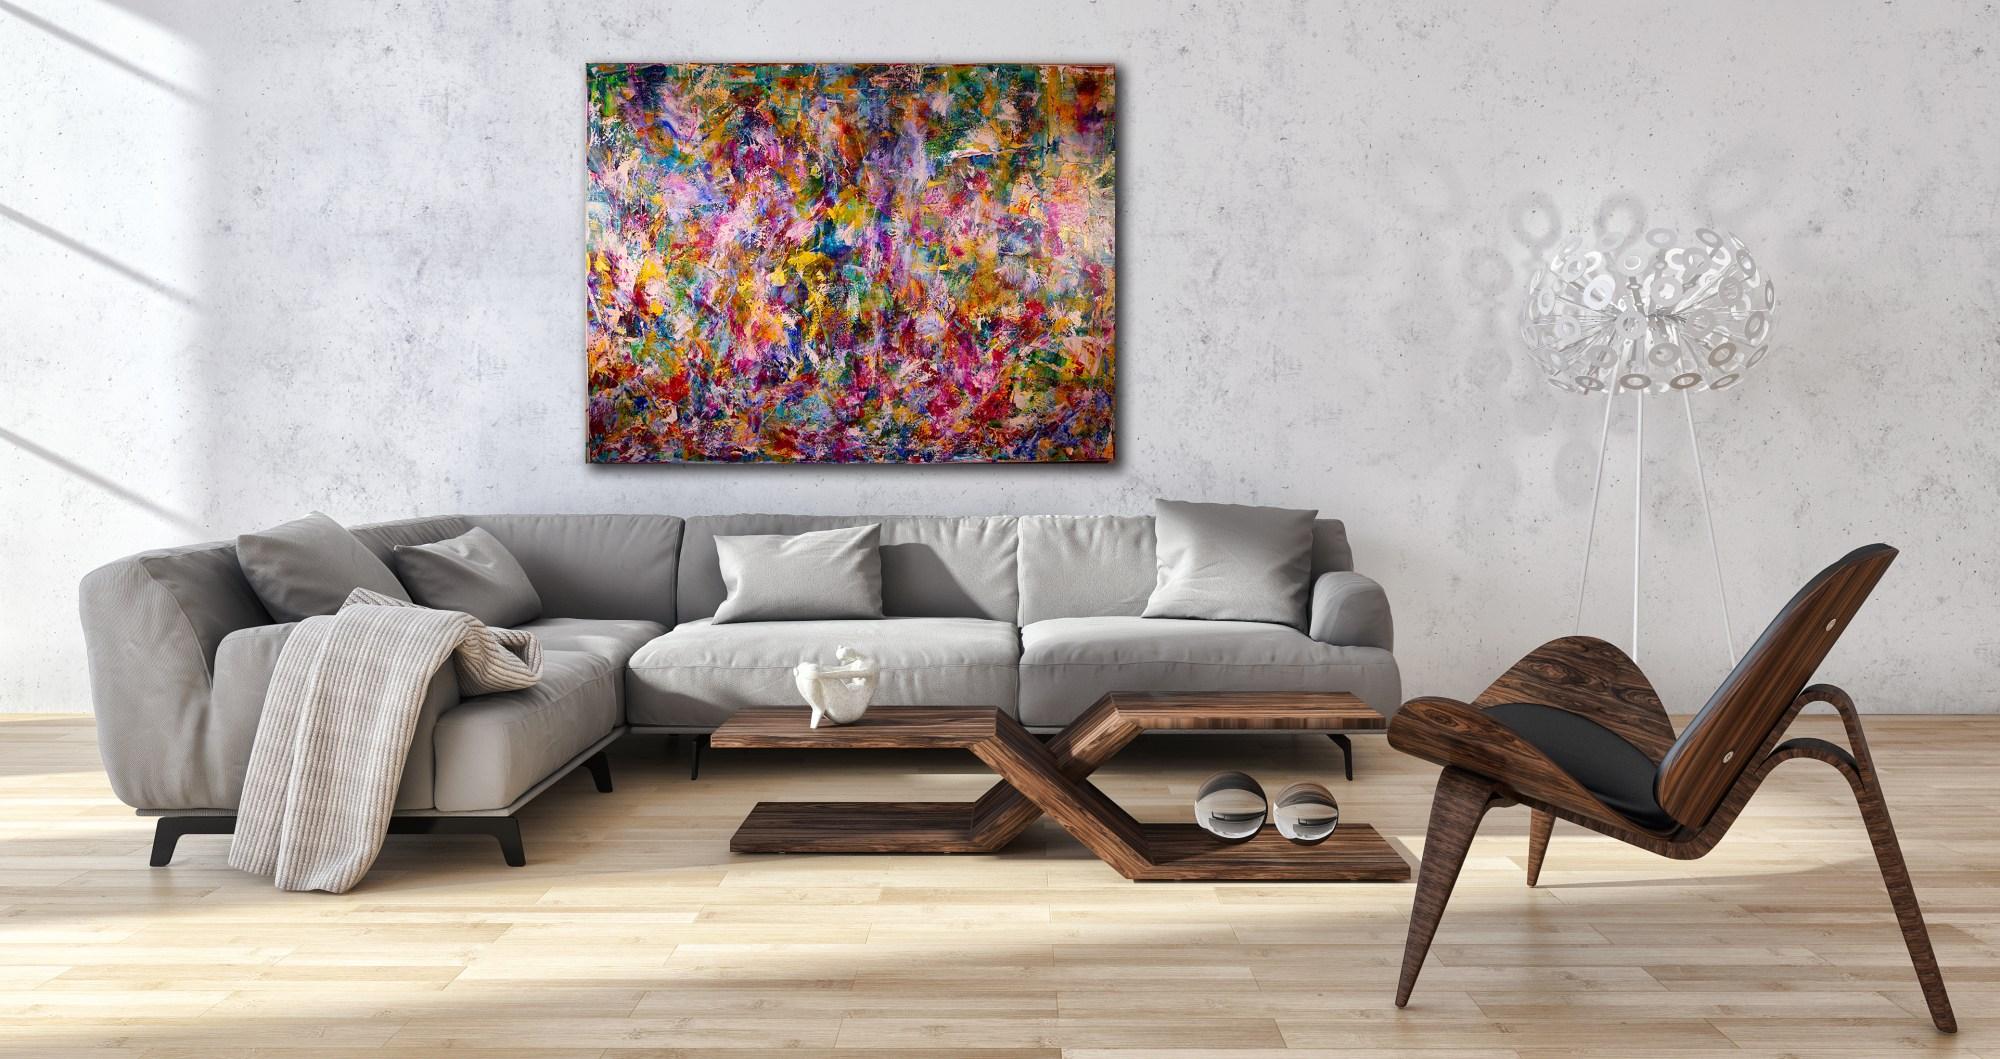 Echoes (Botanical Fantasy) (2016) Acrylic painting by Nestor Toro